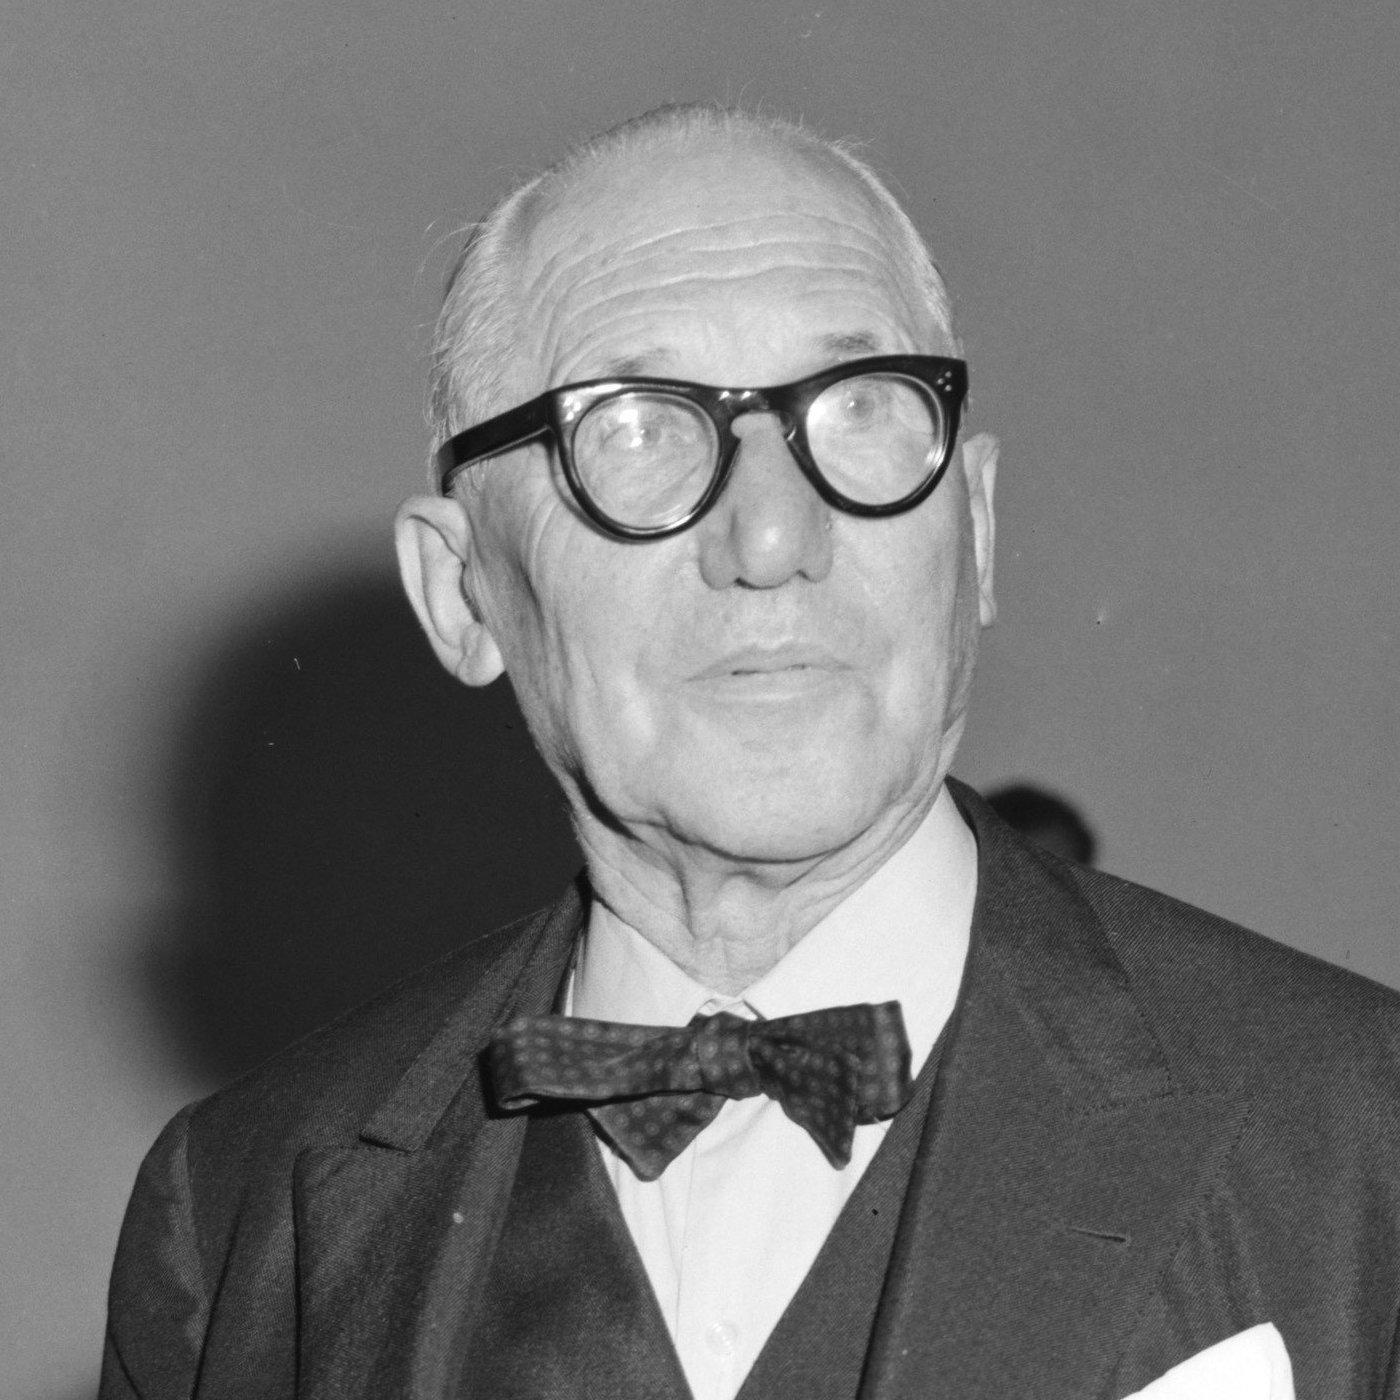 32a80c068a43 Le Corbusier - Wikipedia